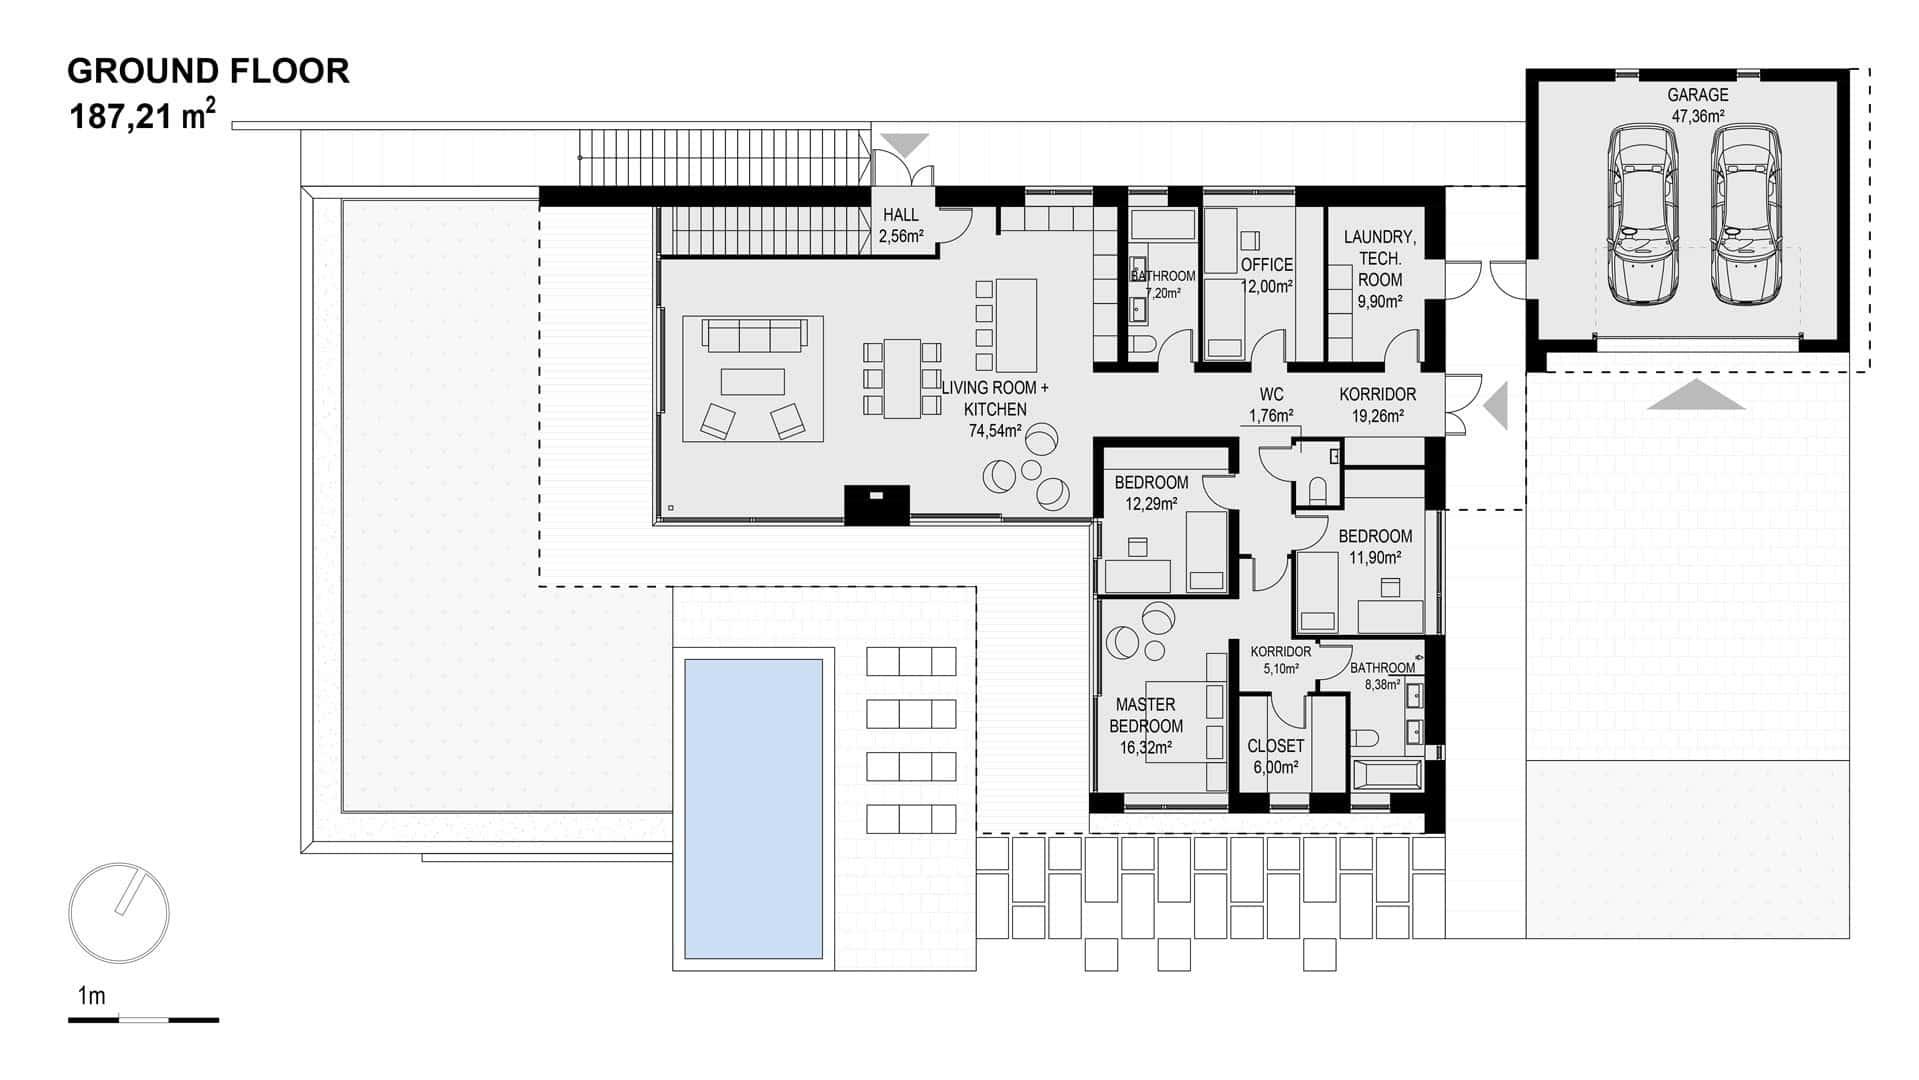 Ground floor of the Scandinavian villa